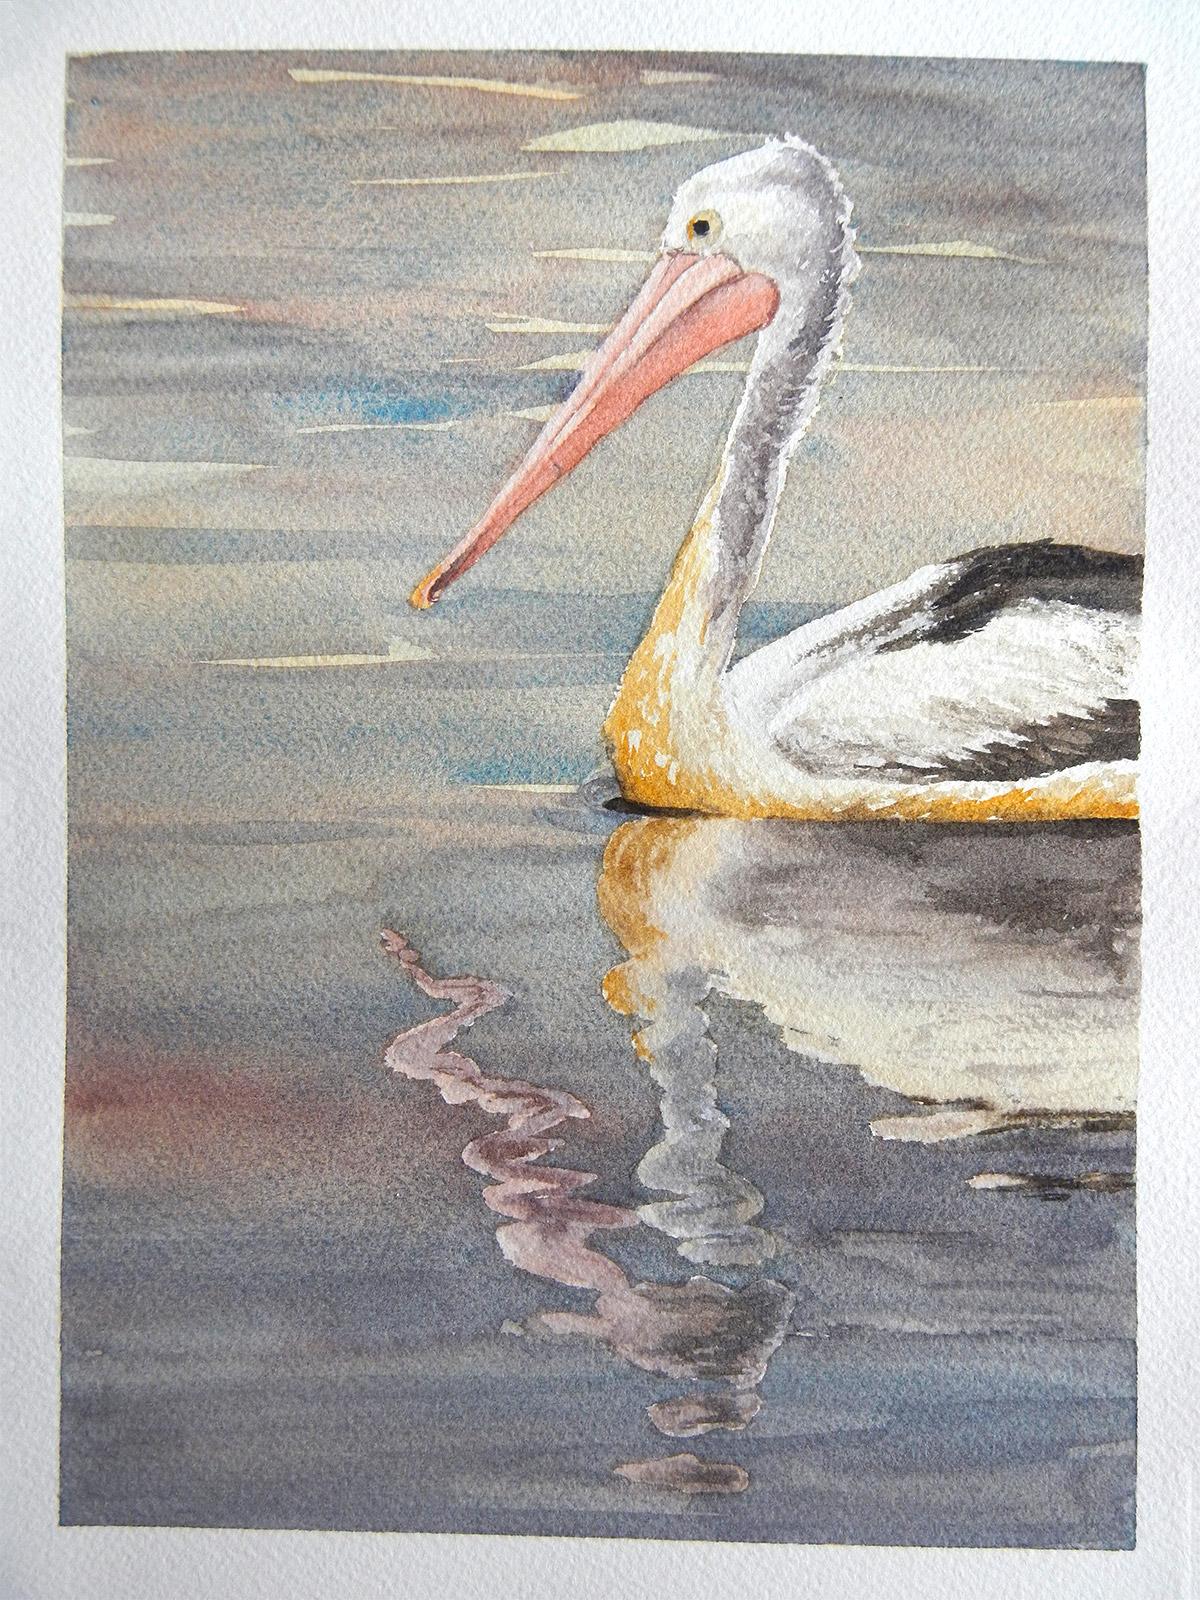 Pelican by Tatyana Deniz, watercolor on cotton, 2014